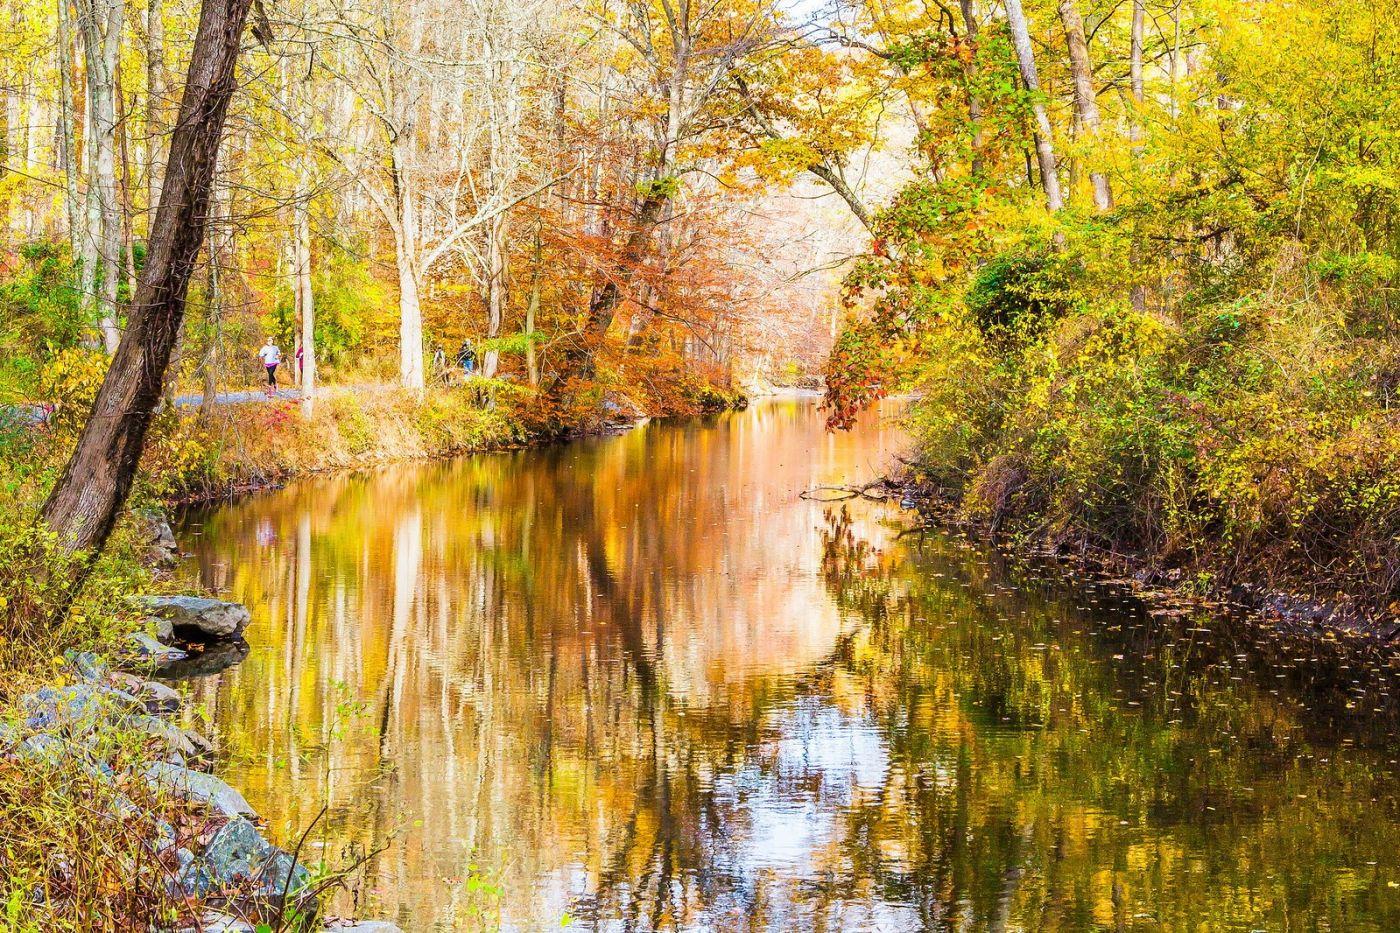 宾州雷德利克里克公园(Ridley creek park),迷人的秋色_图1-25